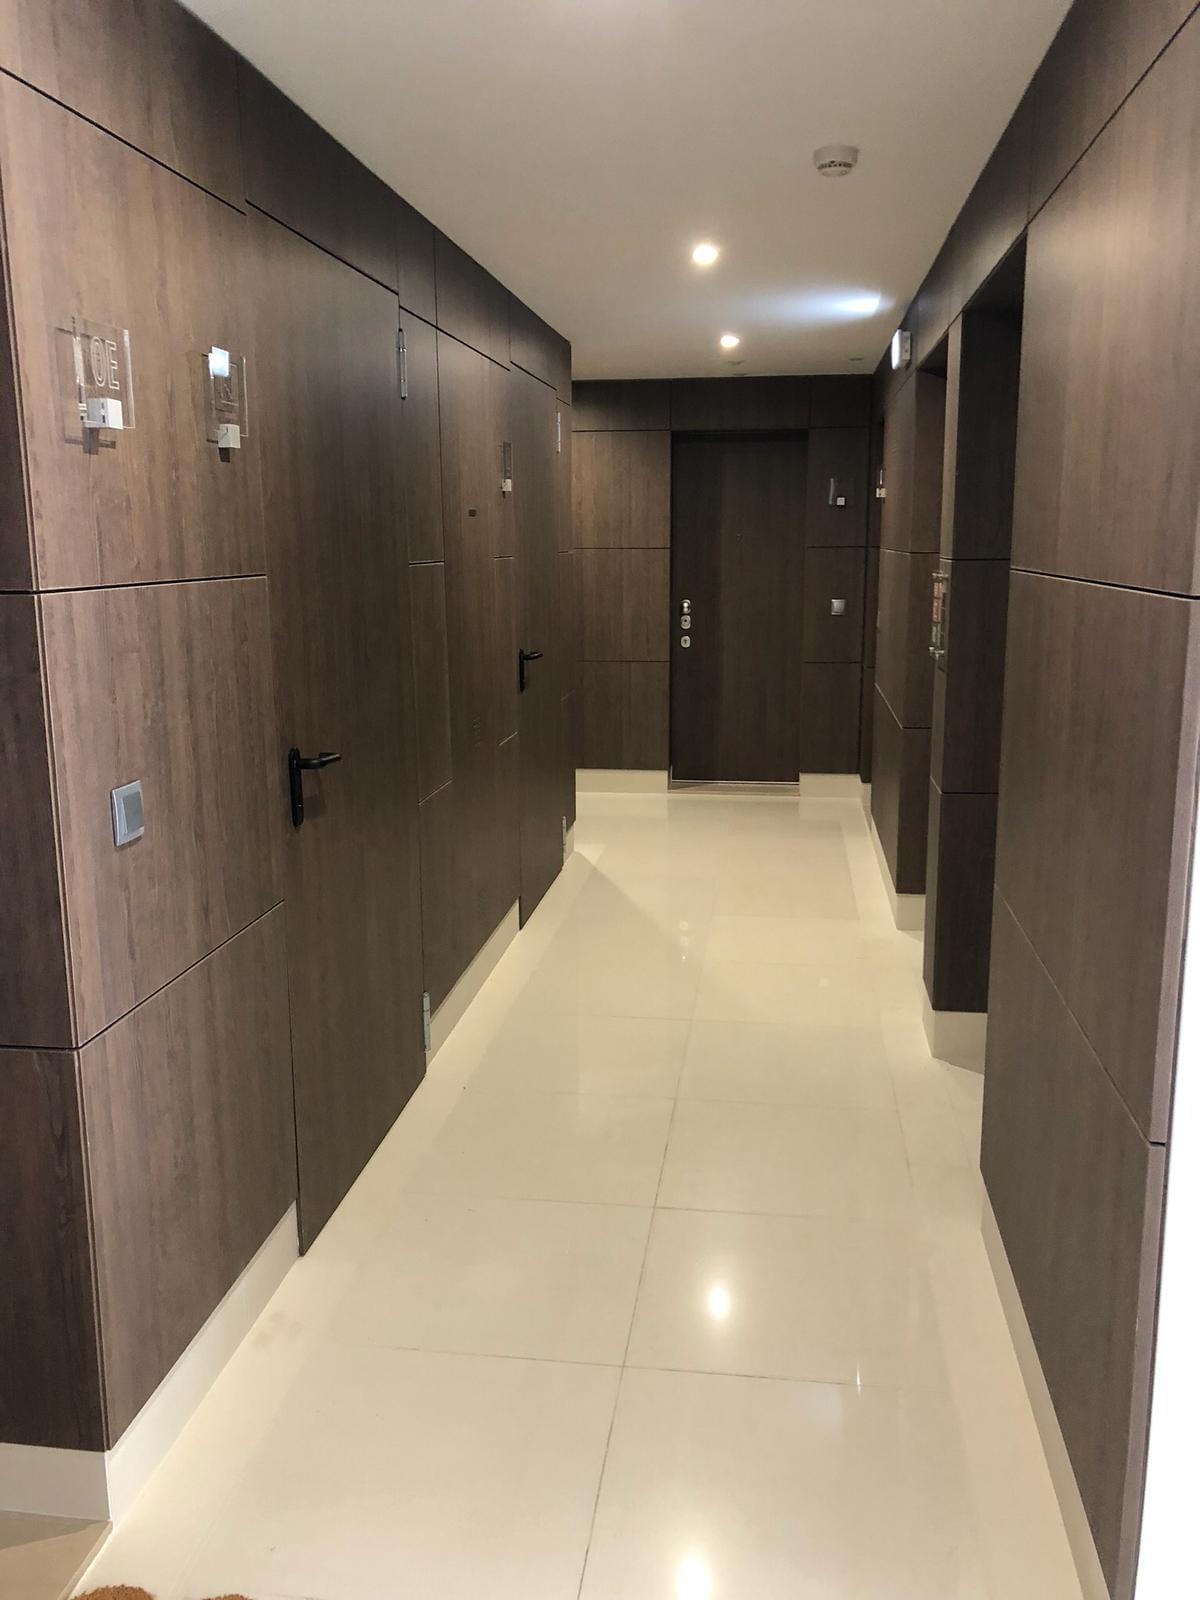 pf18232-apartamento-t2-lisboa-be623d67-ee0e-4c76-a725-5149d735d849